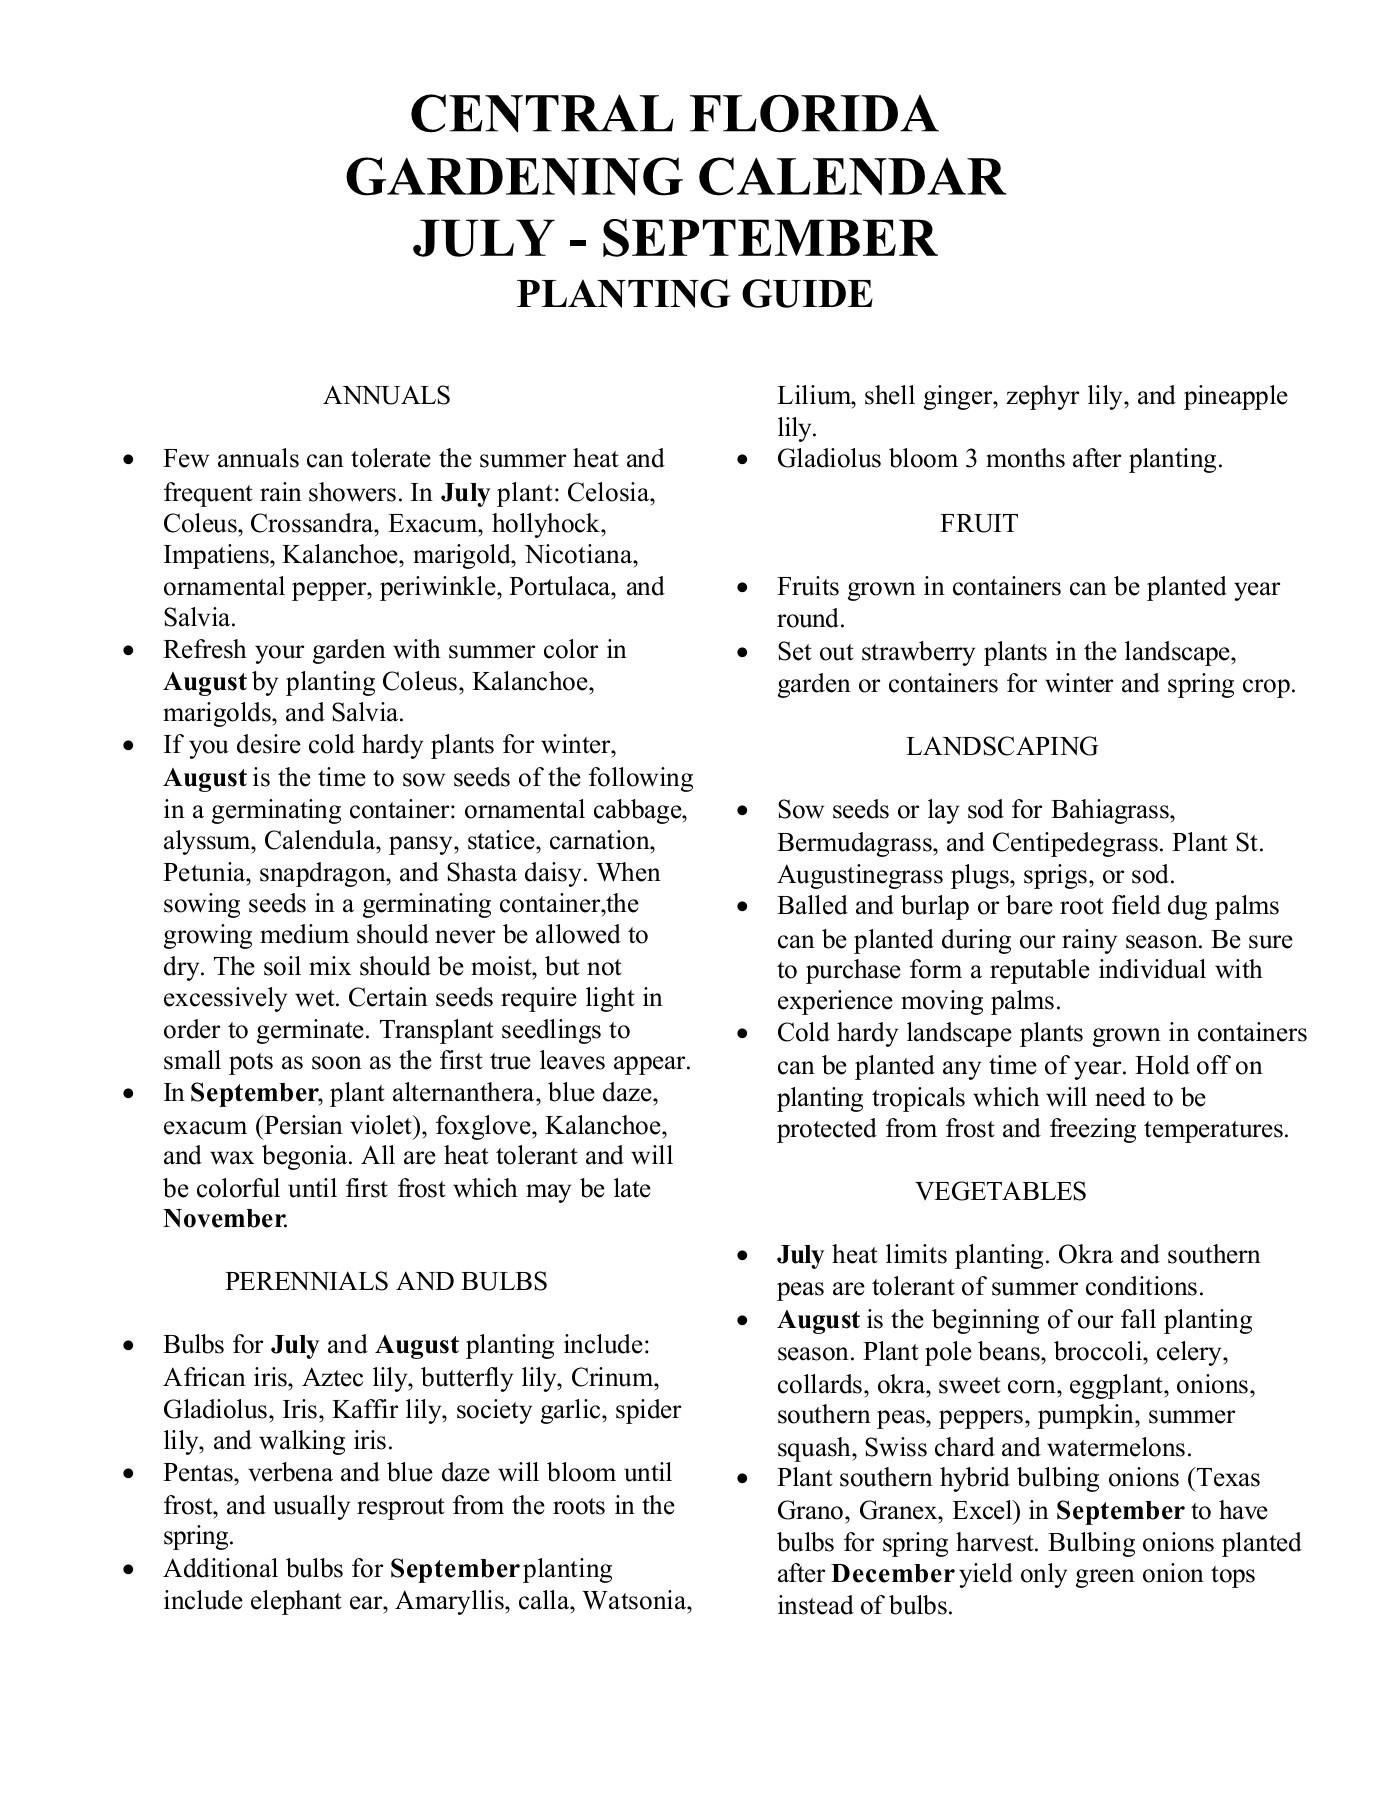 Central Florida Gardening Calendar July  September throughout Vegetable Planting Calendar Excel